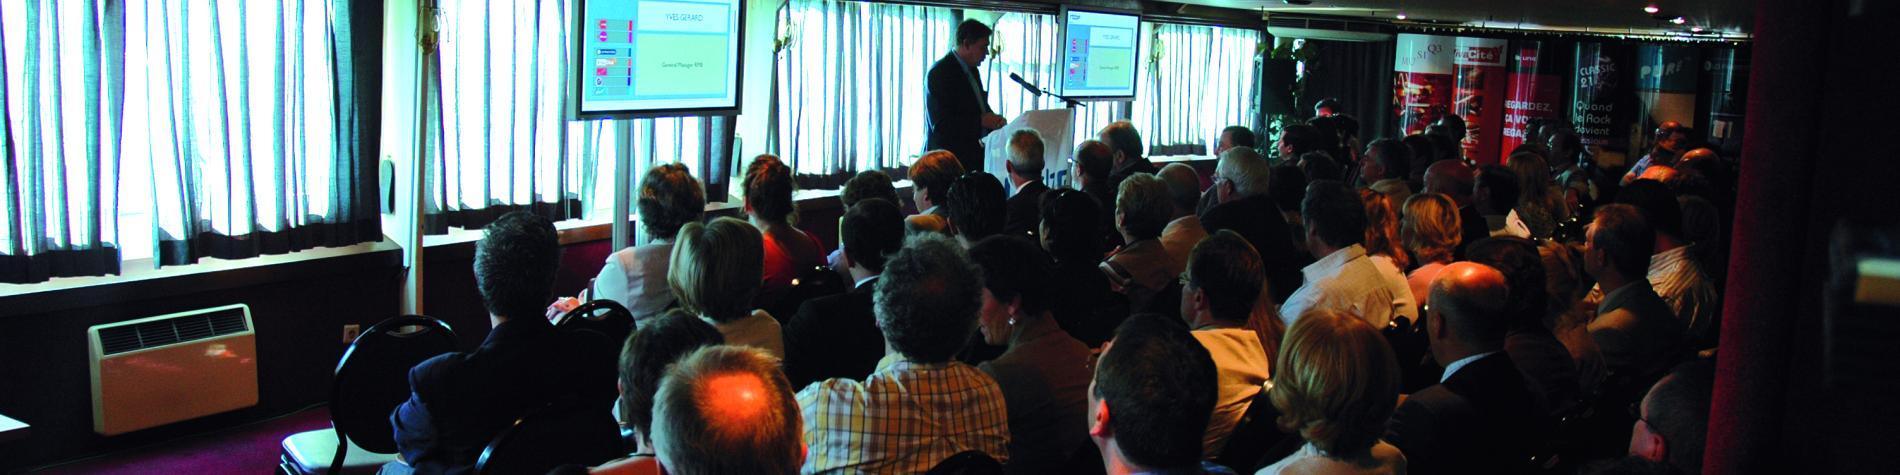 Croisière Pays de Liège bateau pour réunion séminaires et conférences en Wallonie Special Venues